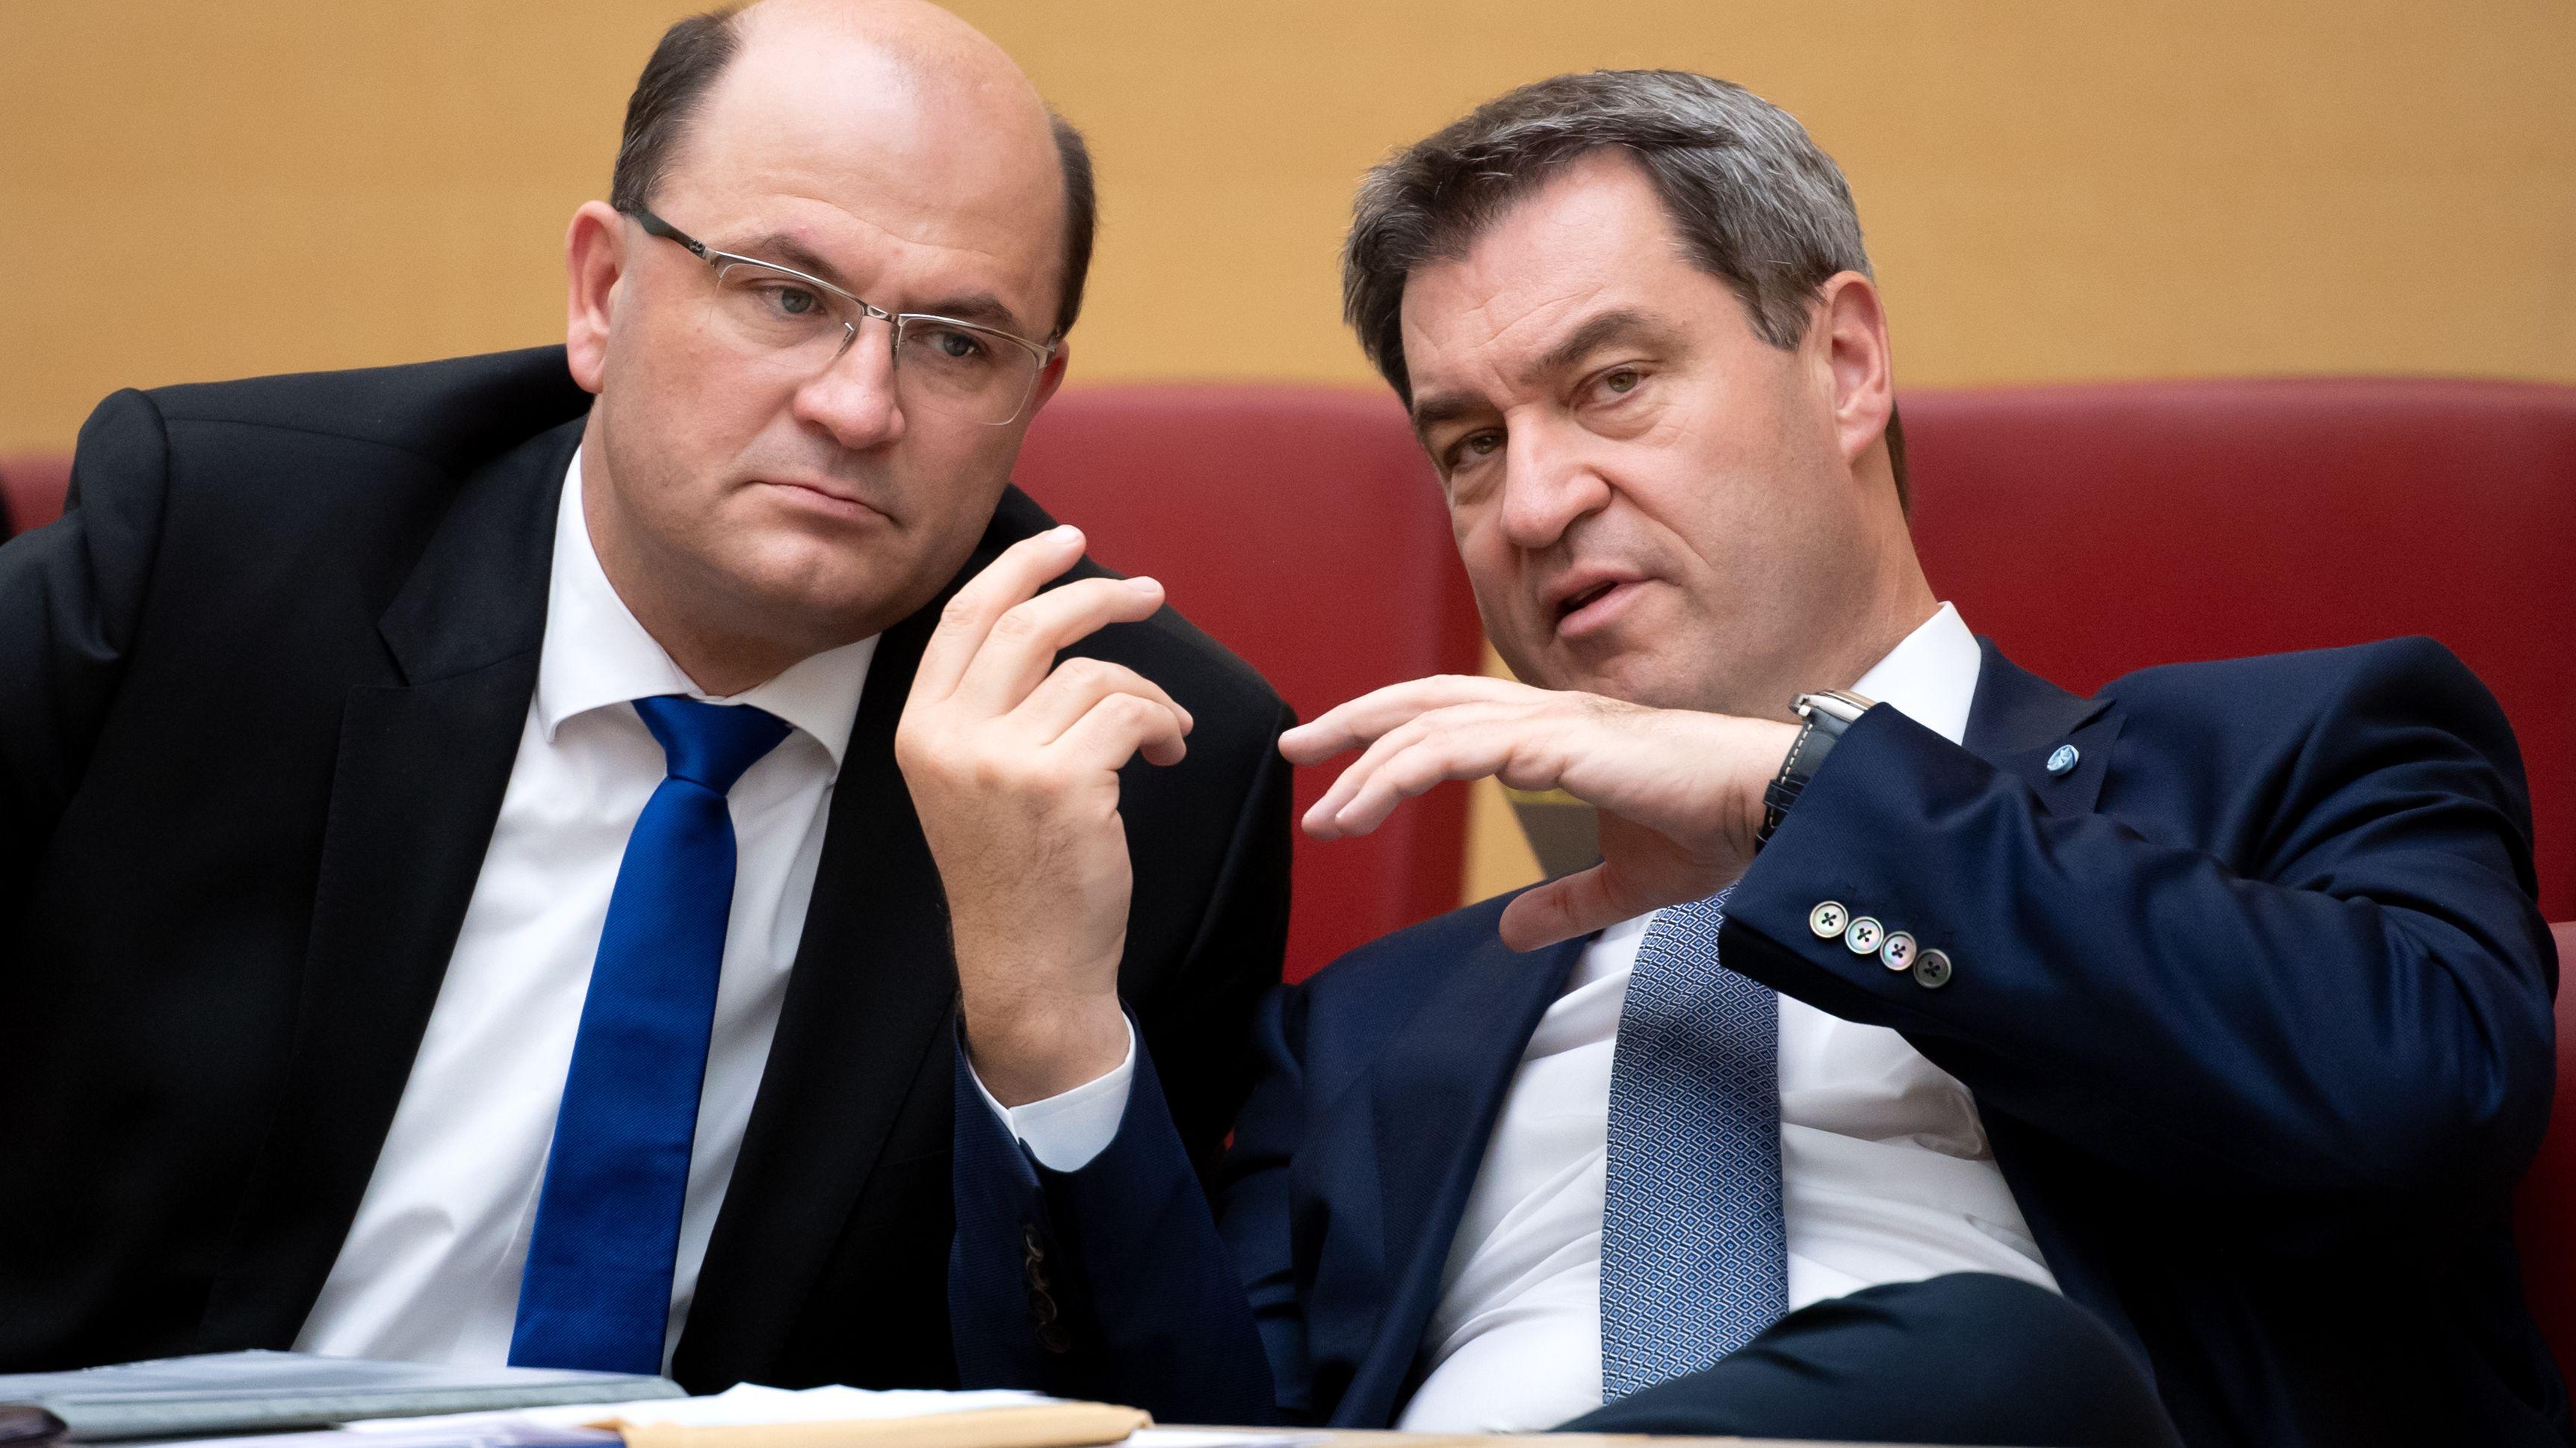 Markus Söder (r, CSU), Ministerpräsident von Bayern, und Albert Füracker (CSU), Finanzminister von Bayern, nehmen im bayerischen Landtag an einer Plenarsitzung teil.